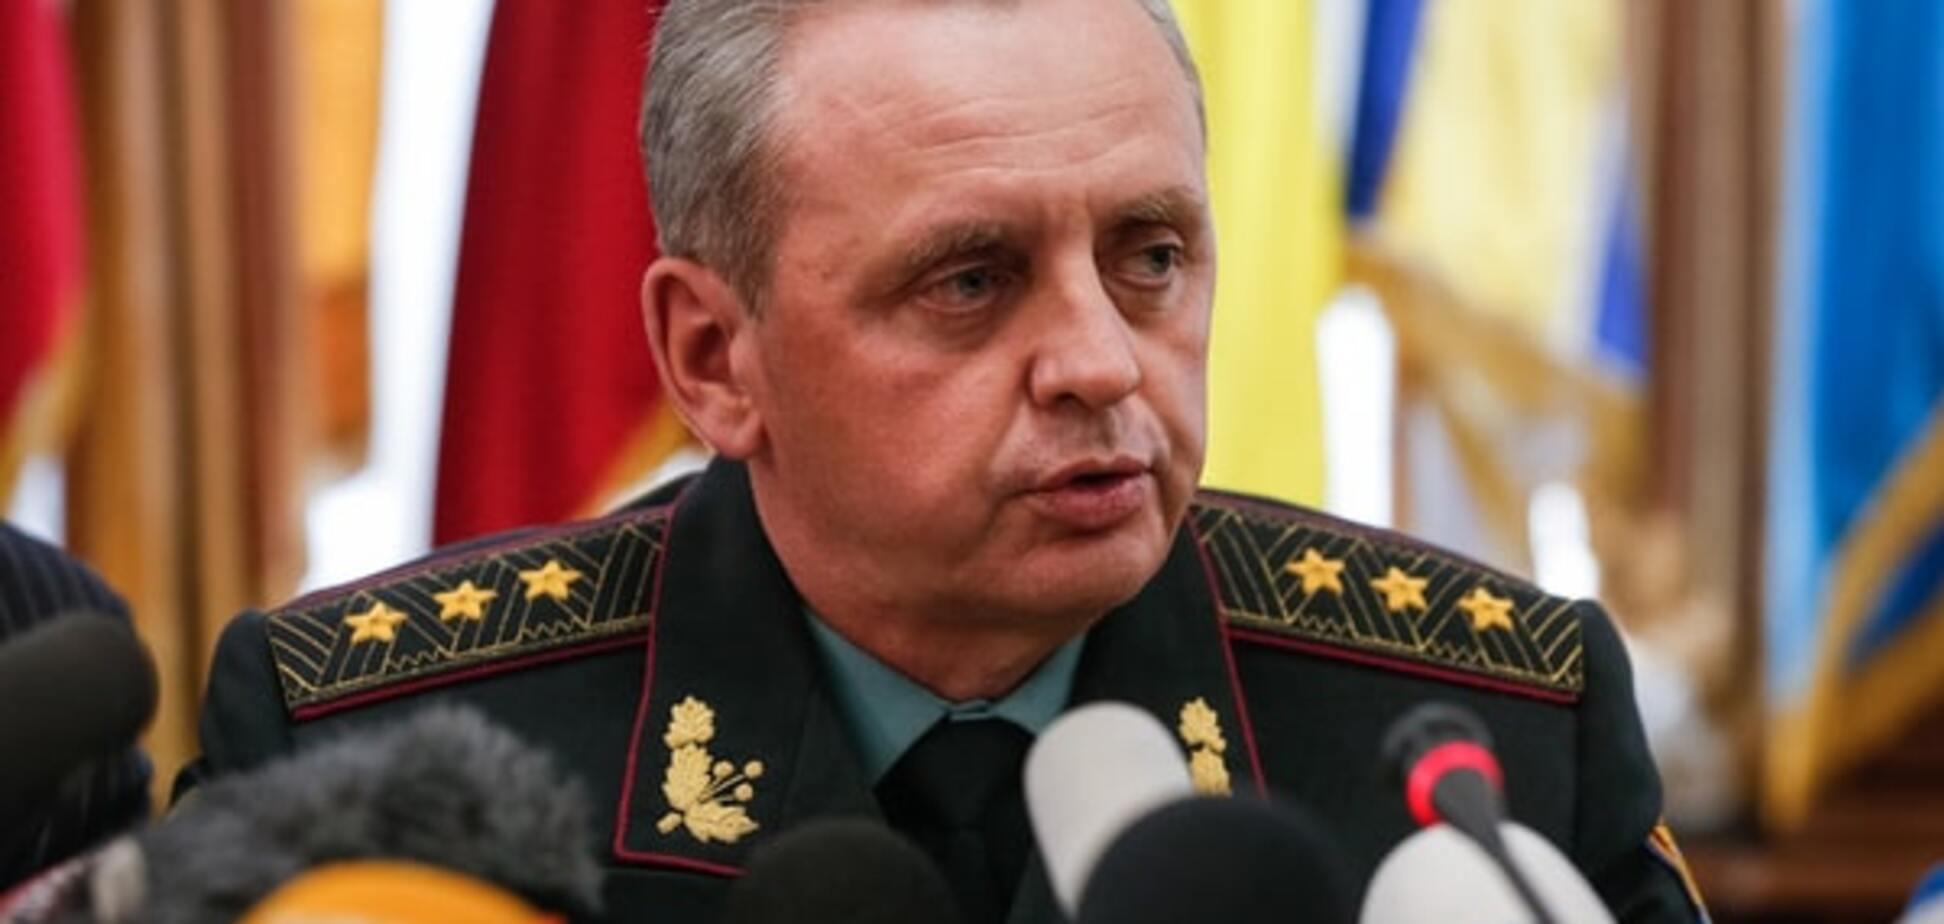 Неоголошена агресія: Муженко розкрив правду про багатотисячне вторгнення російської армії